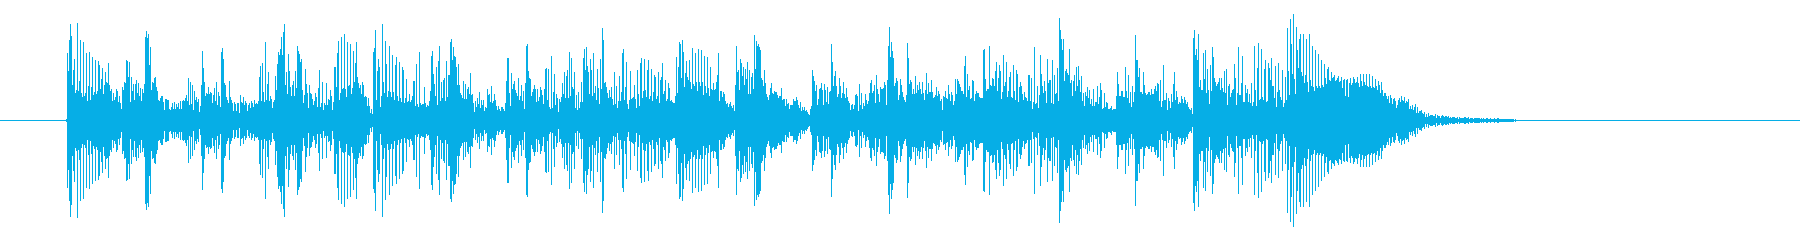 ドラムとベースがメインの渋めロックの再生済みの波形